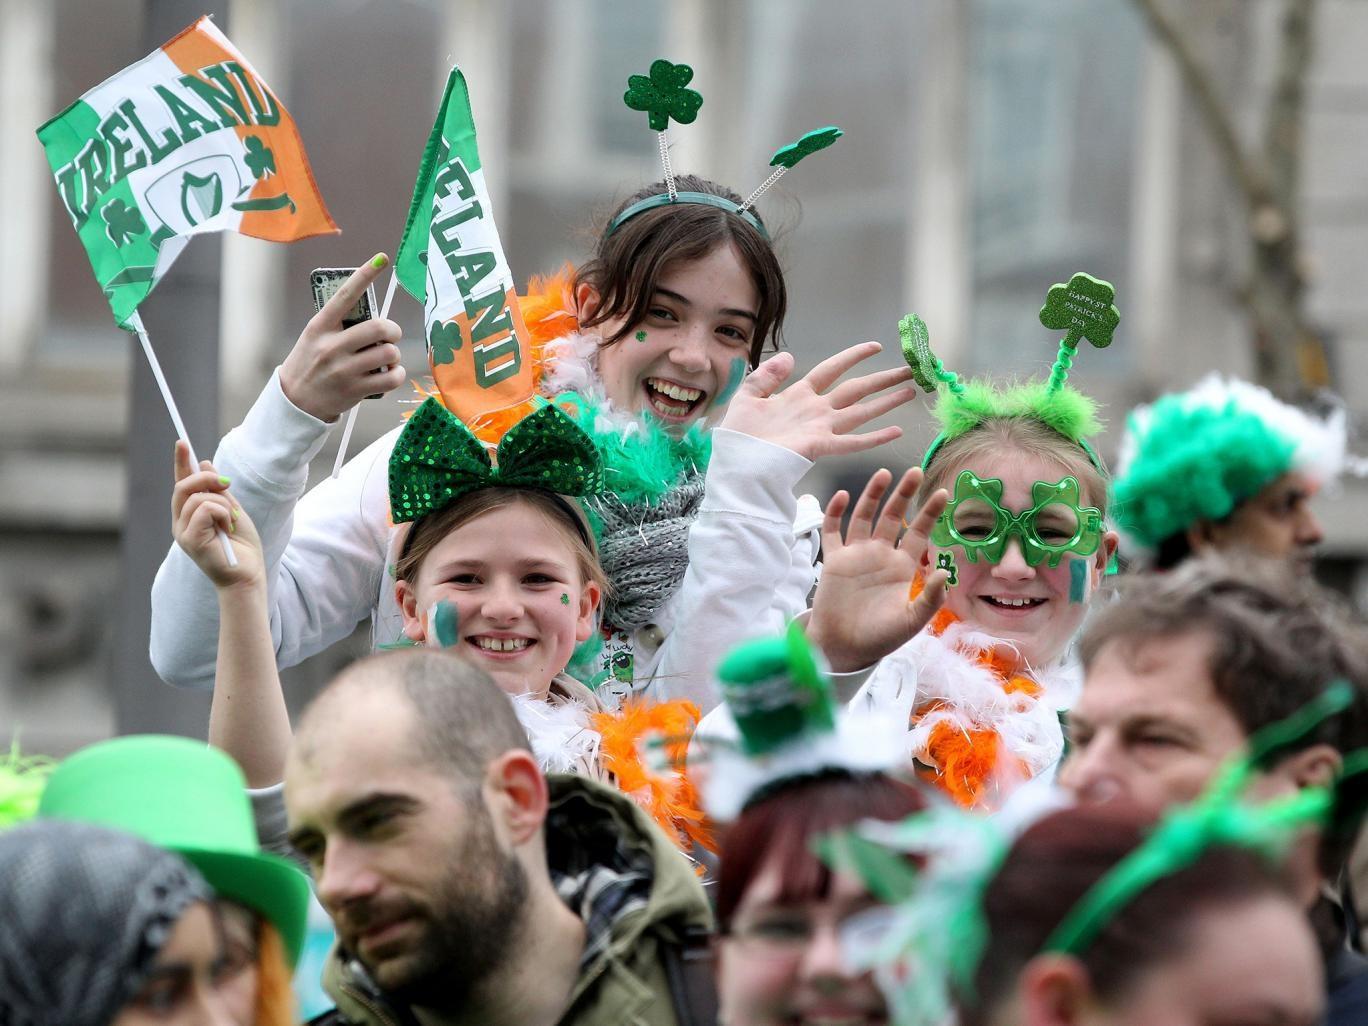 Những người Anh có cha hoặc mẹ là người Ireland hoặc trong một số trường hợp nhất định có ông hoặc bà là người Ireland mặc nhiên có quyền trở thành công dân Ireland (Ảnh: AFP)